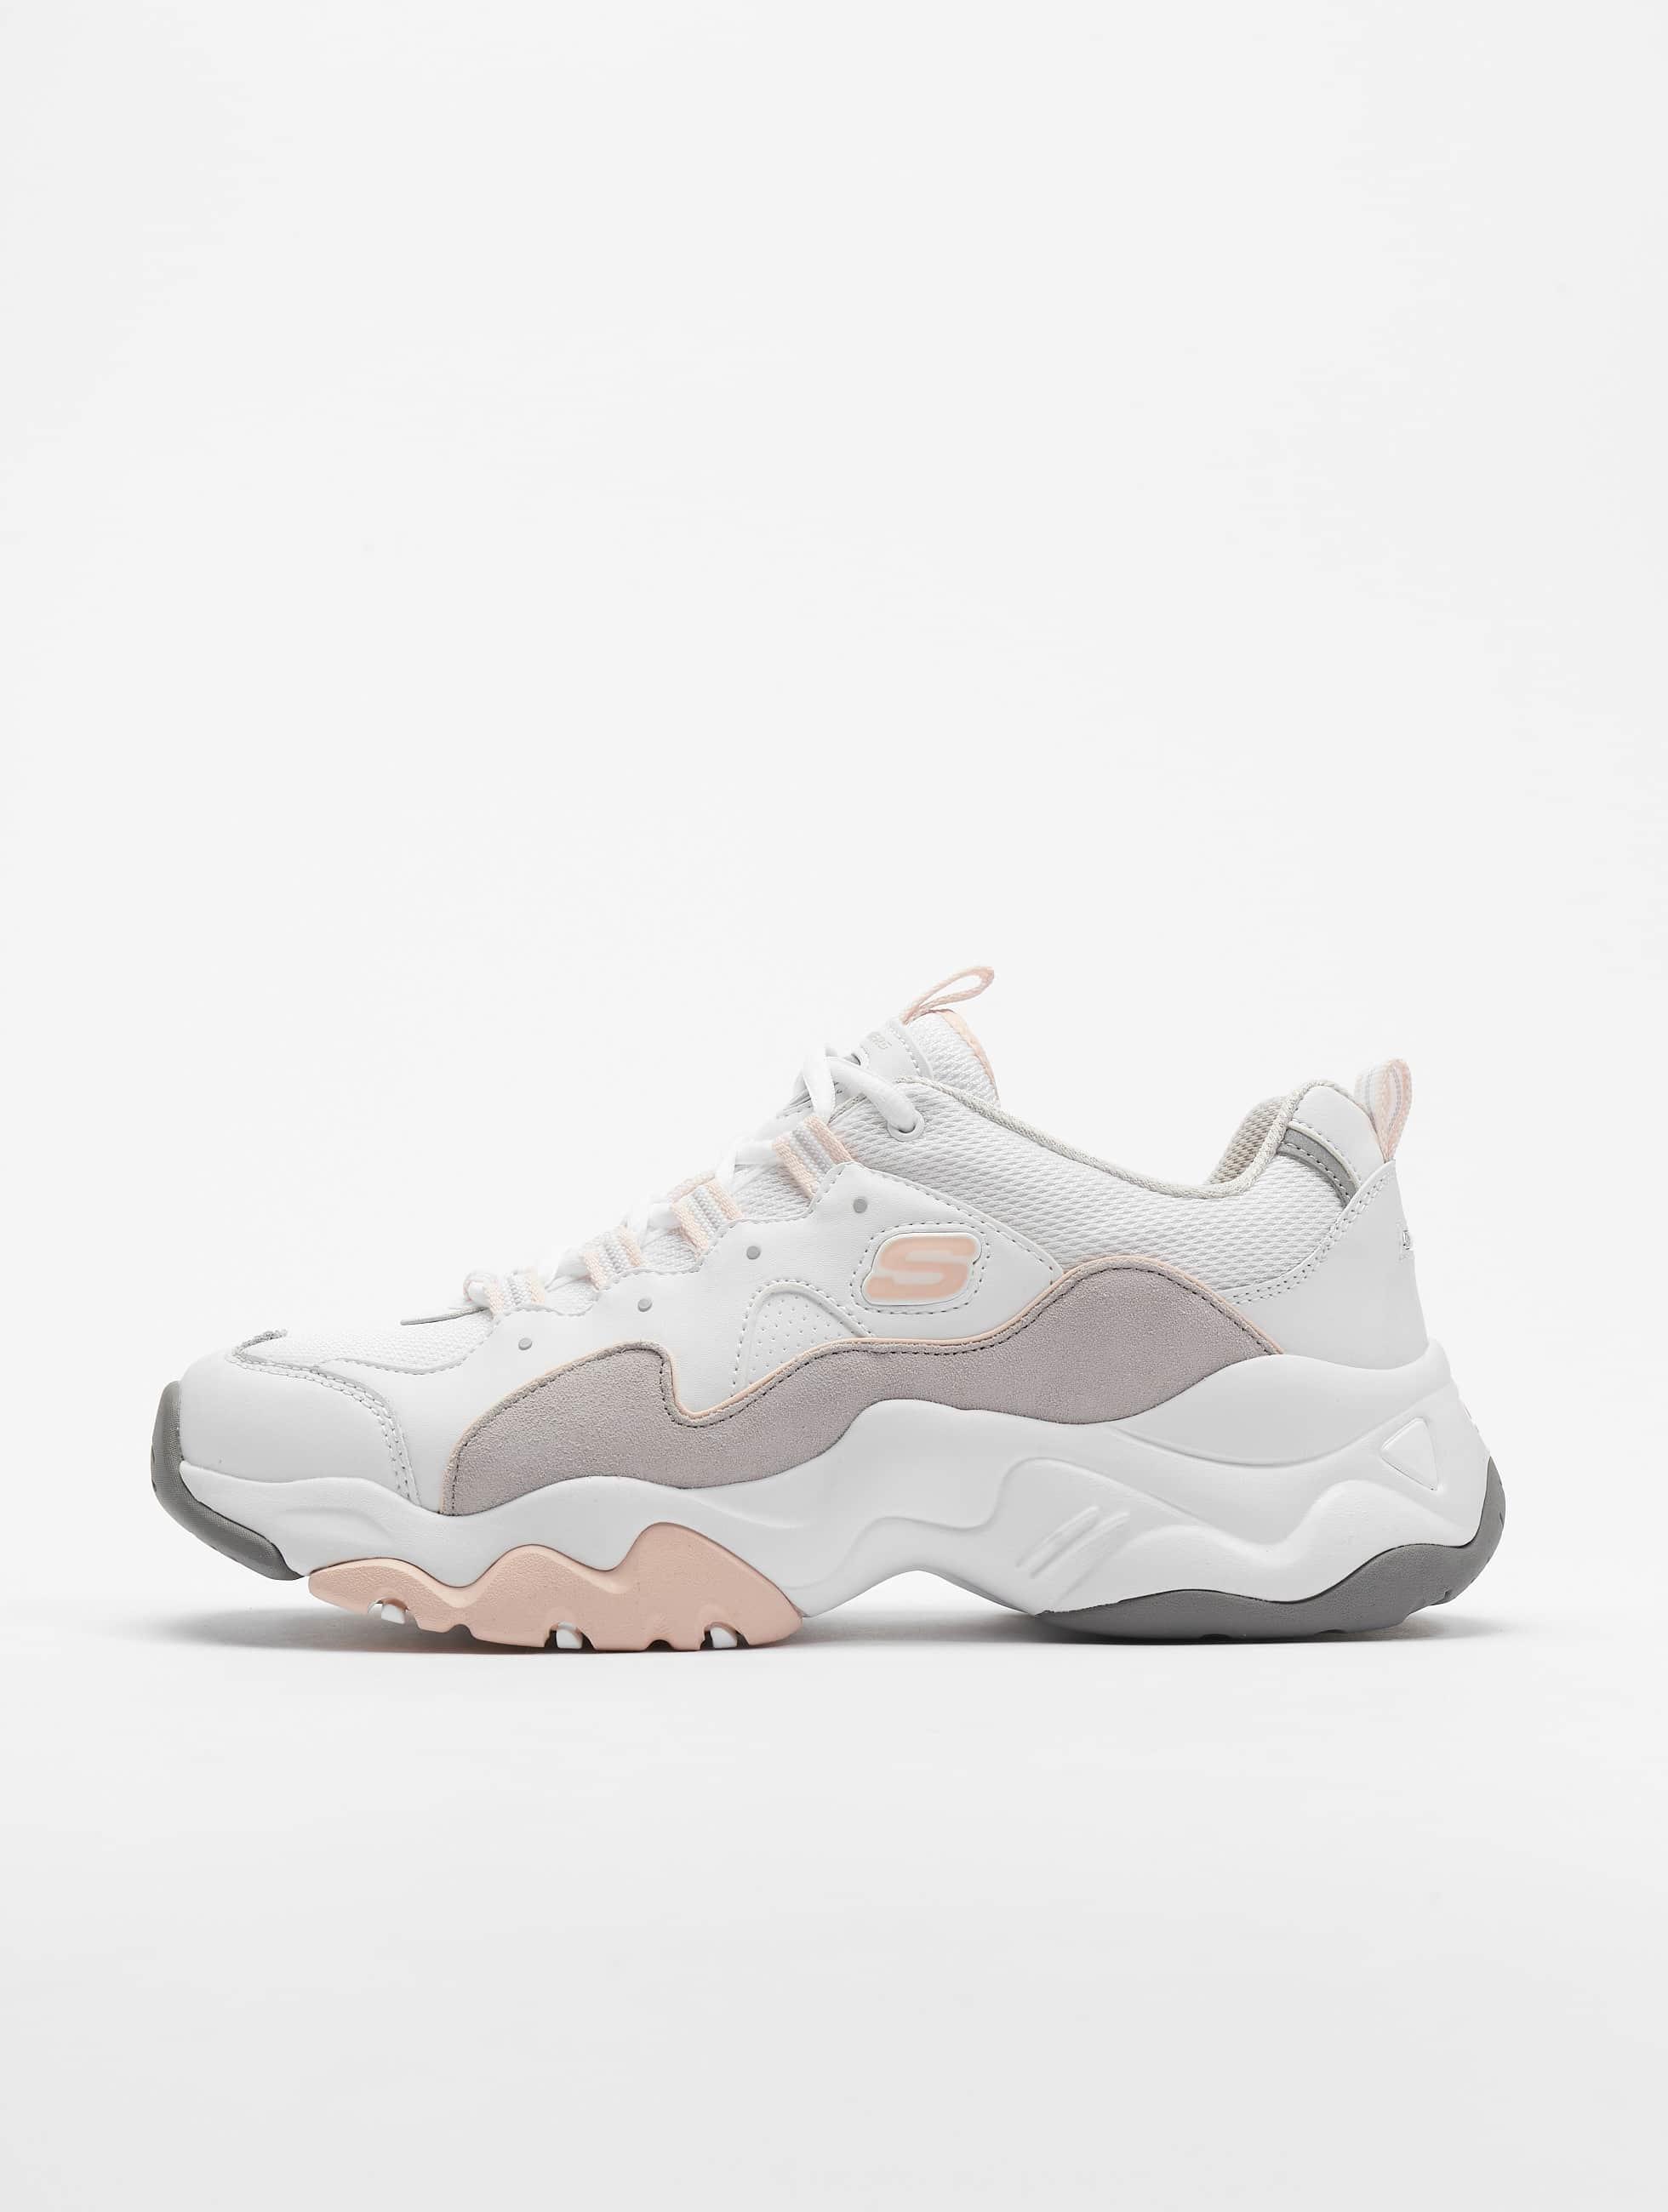 Skechers D'Lites 3.0 Zenway Sneakers White